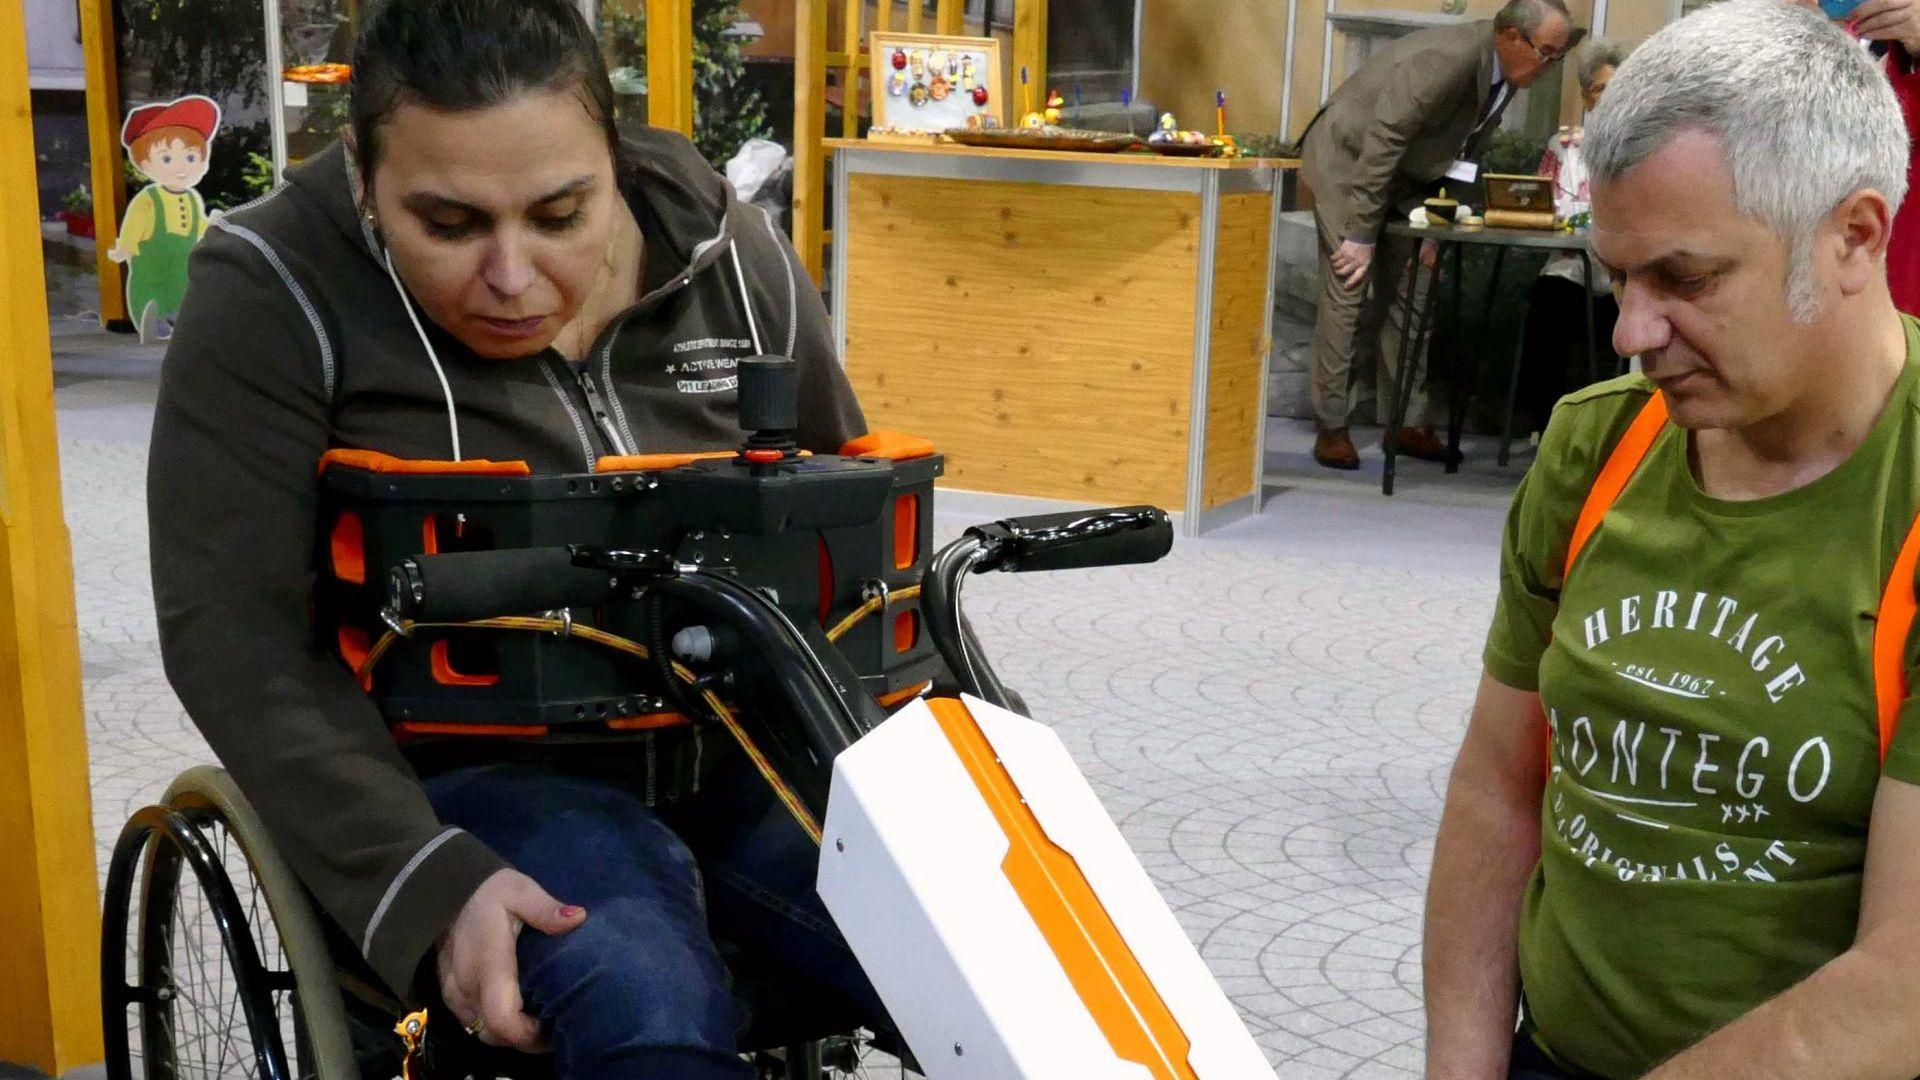 Съпруг на парализирана жена създаде уникален робот-помощник (снимки)